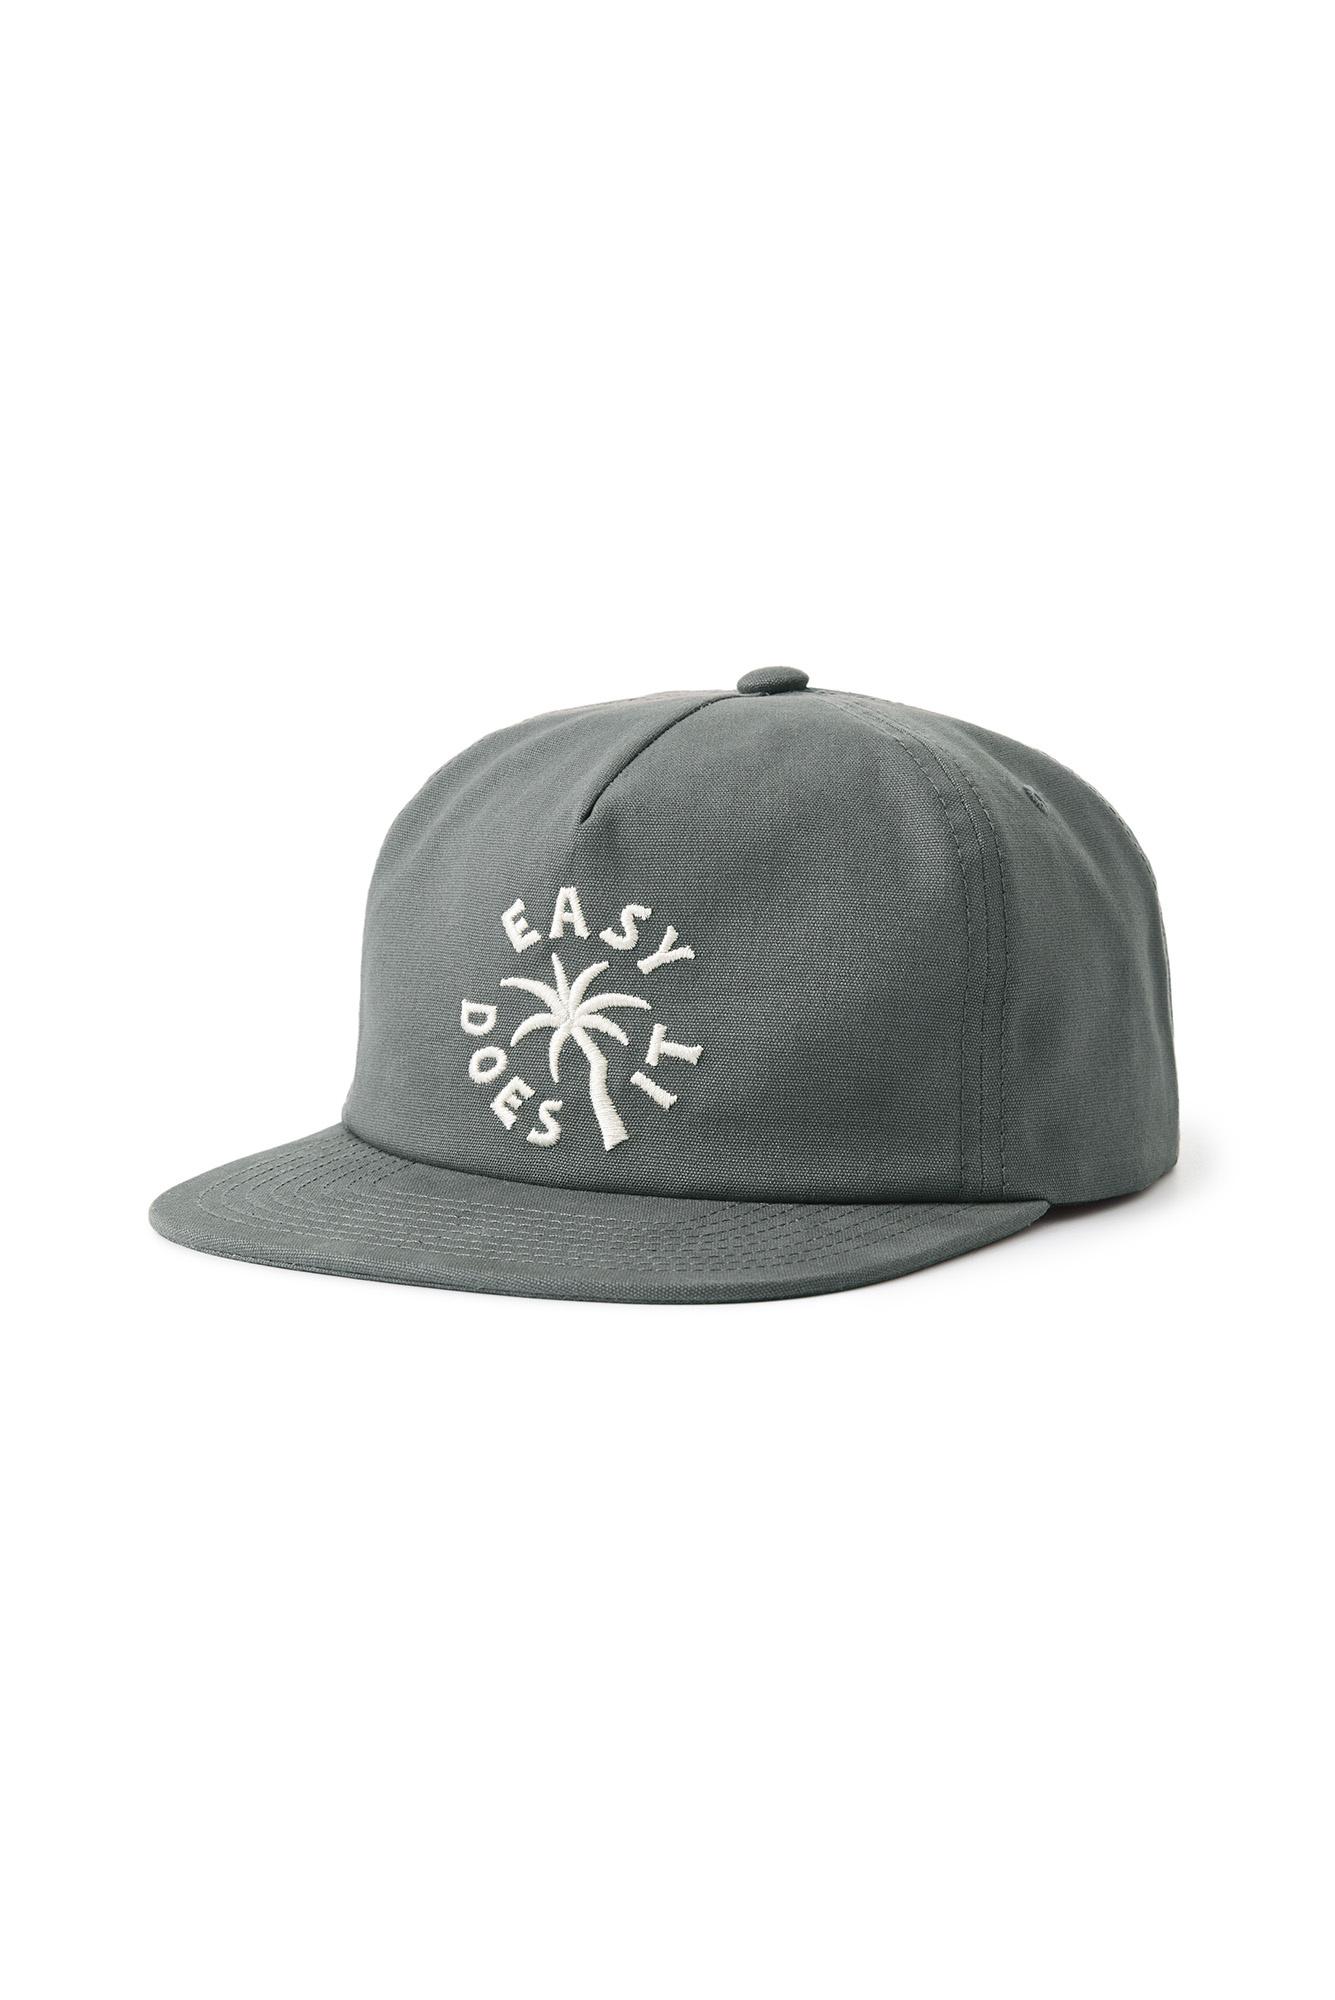 KatinUSA Katin - Easy Palm Hat (Teal)